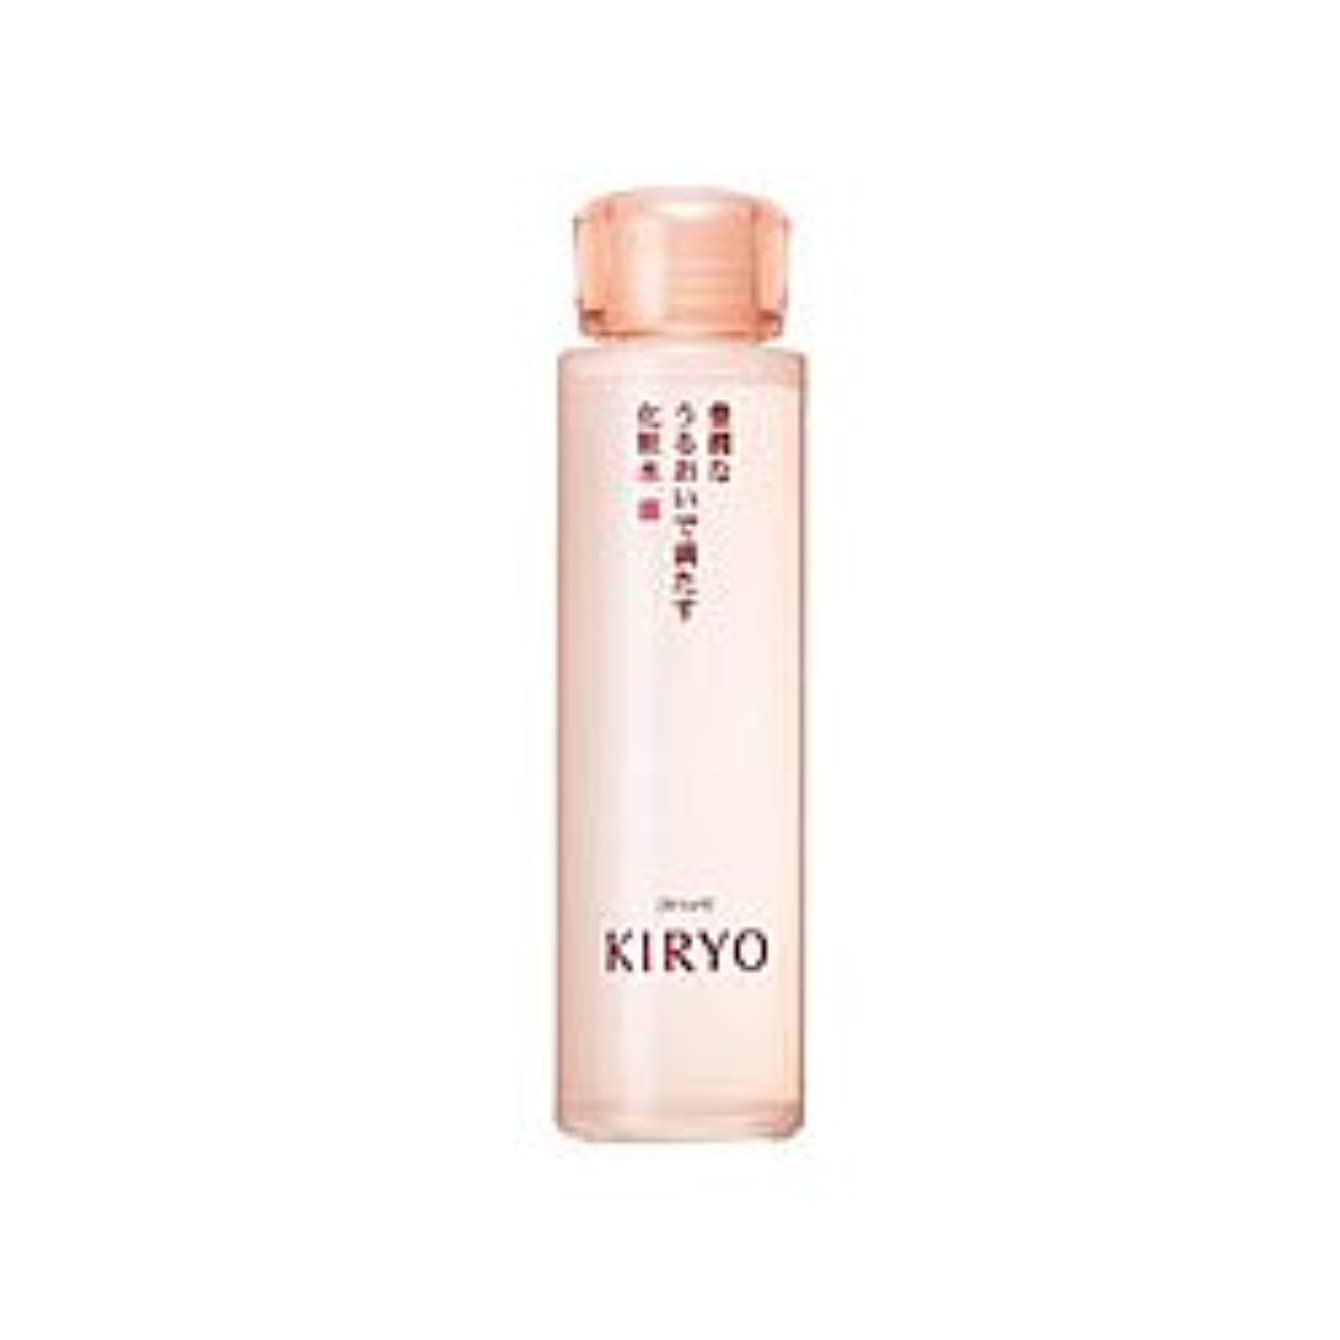 溶けるセラフ明示的に【資生堂】キリョウ ローションII(化粧水) 150ml ×3個セット